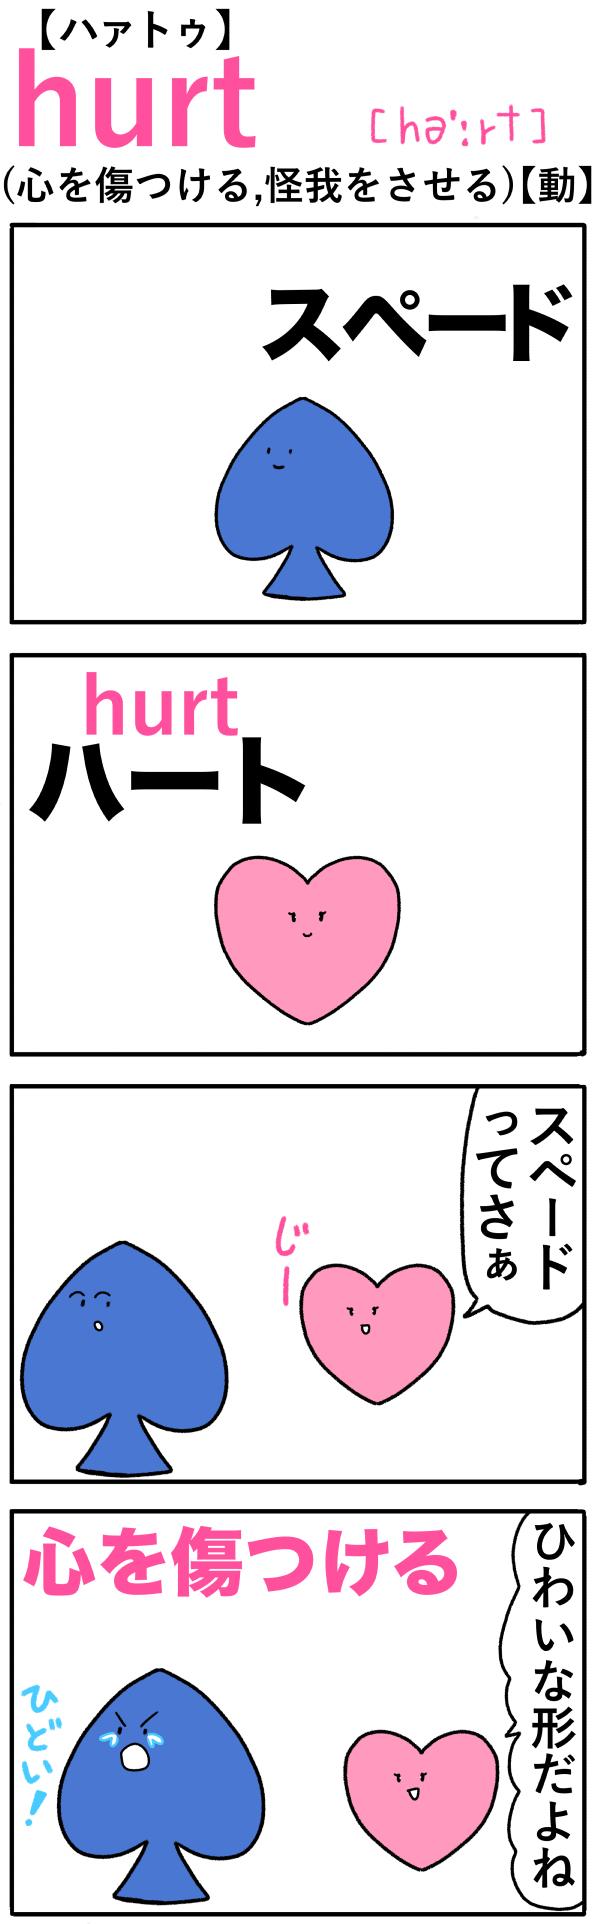 hurt(心を傷つける)の語呂合わせ英単語